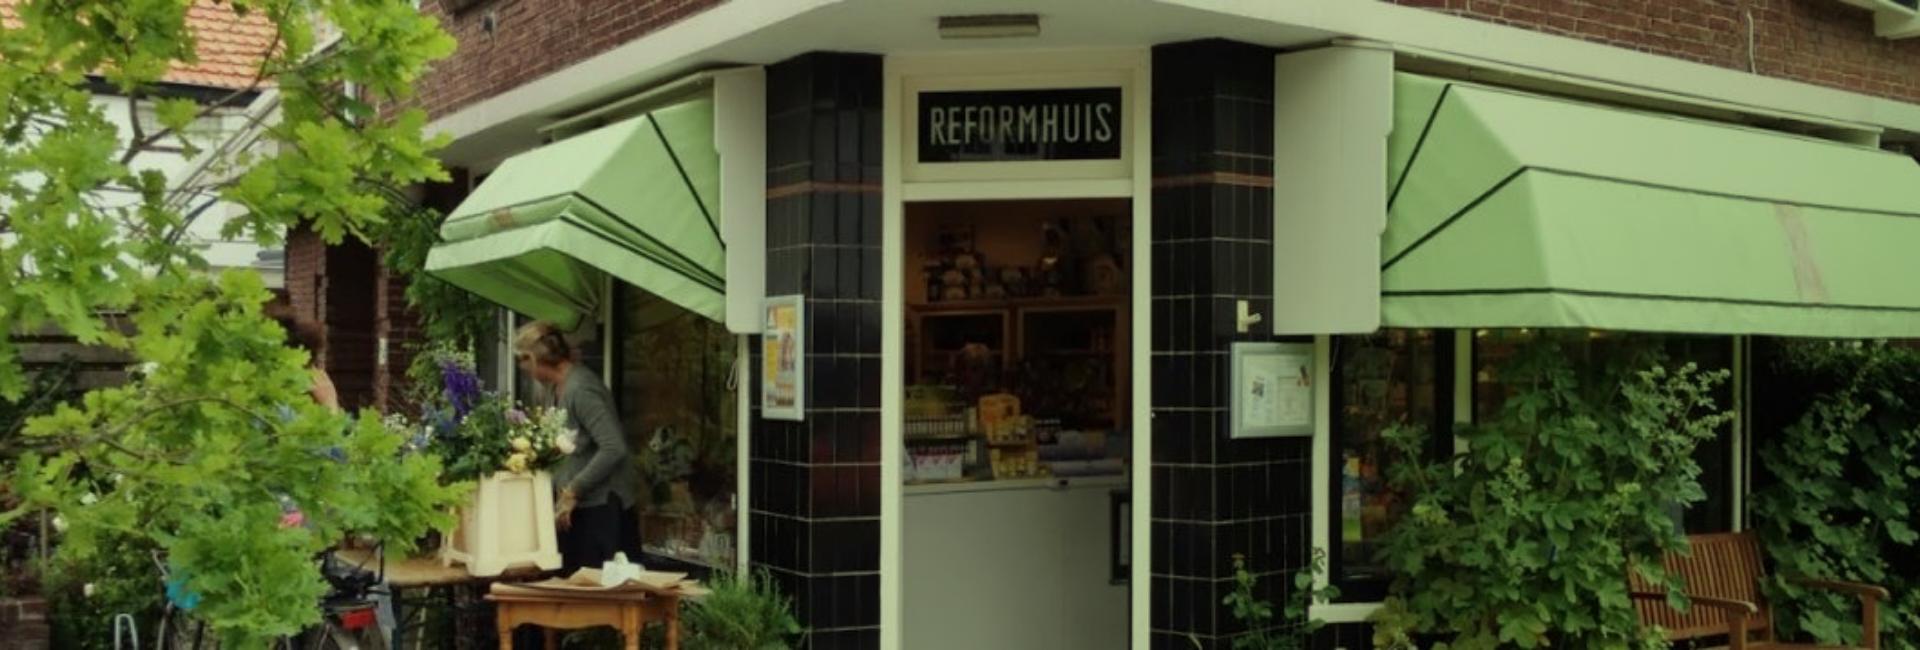 Welkom bij Reformhuis Ligthart!